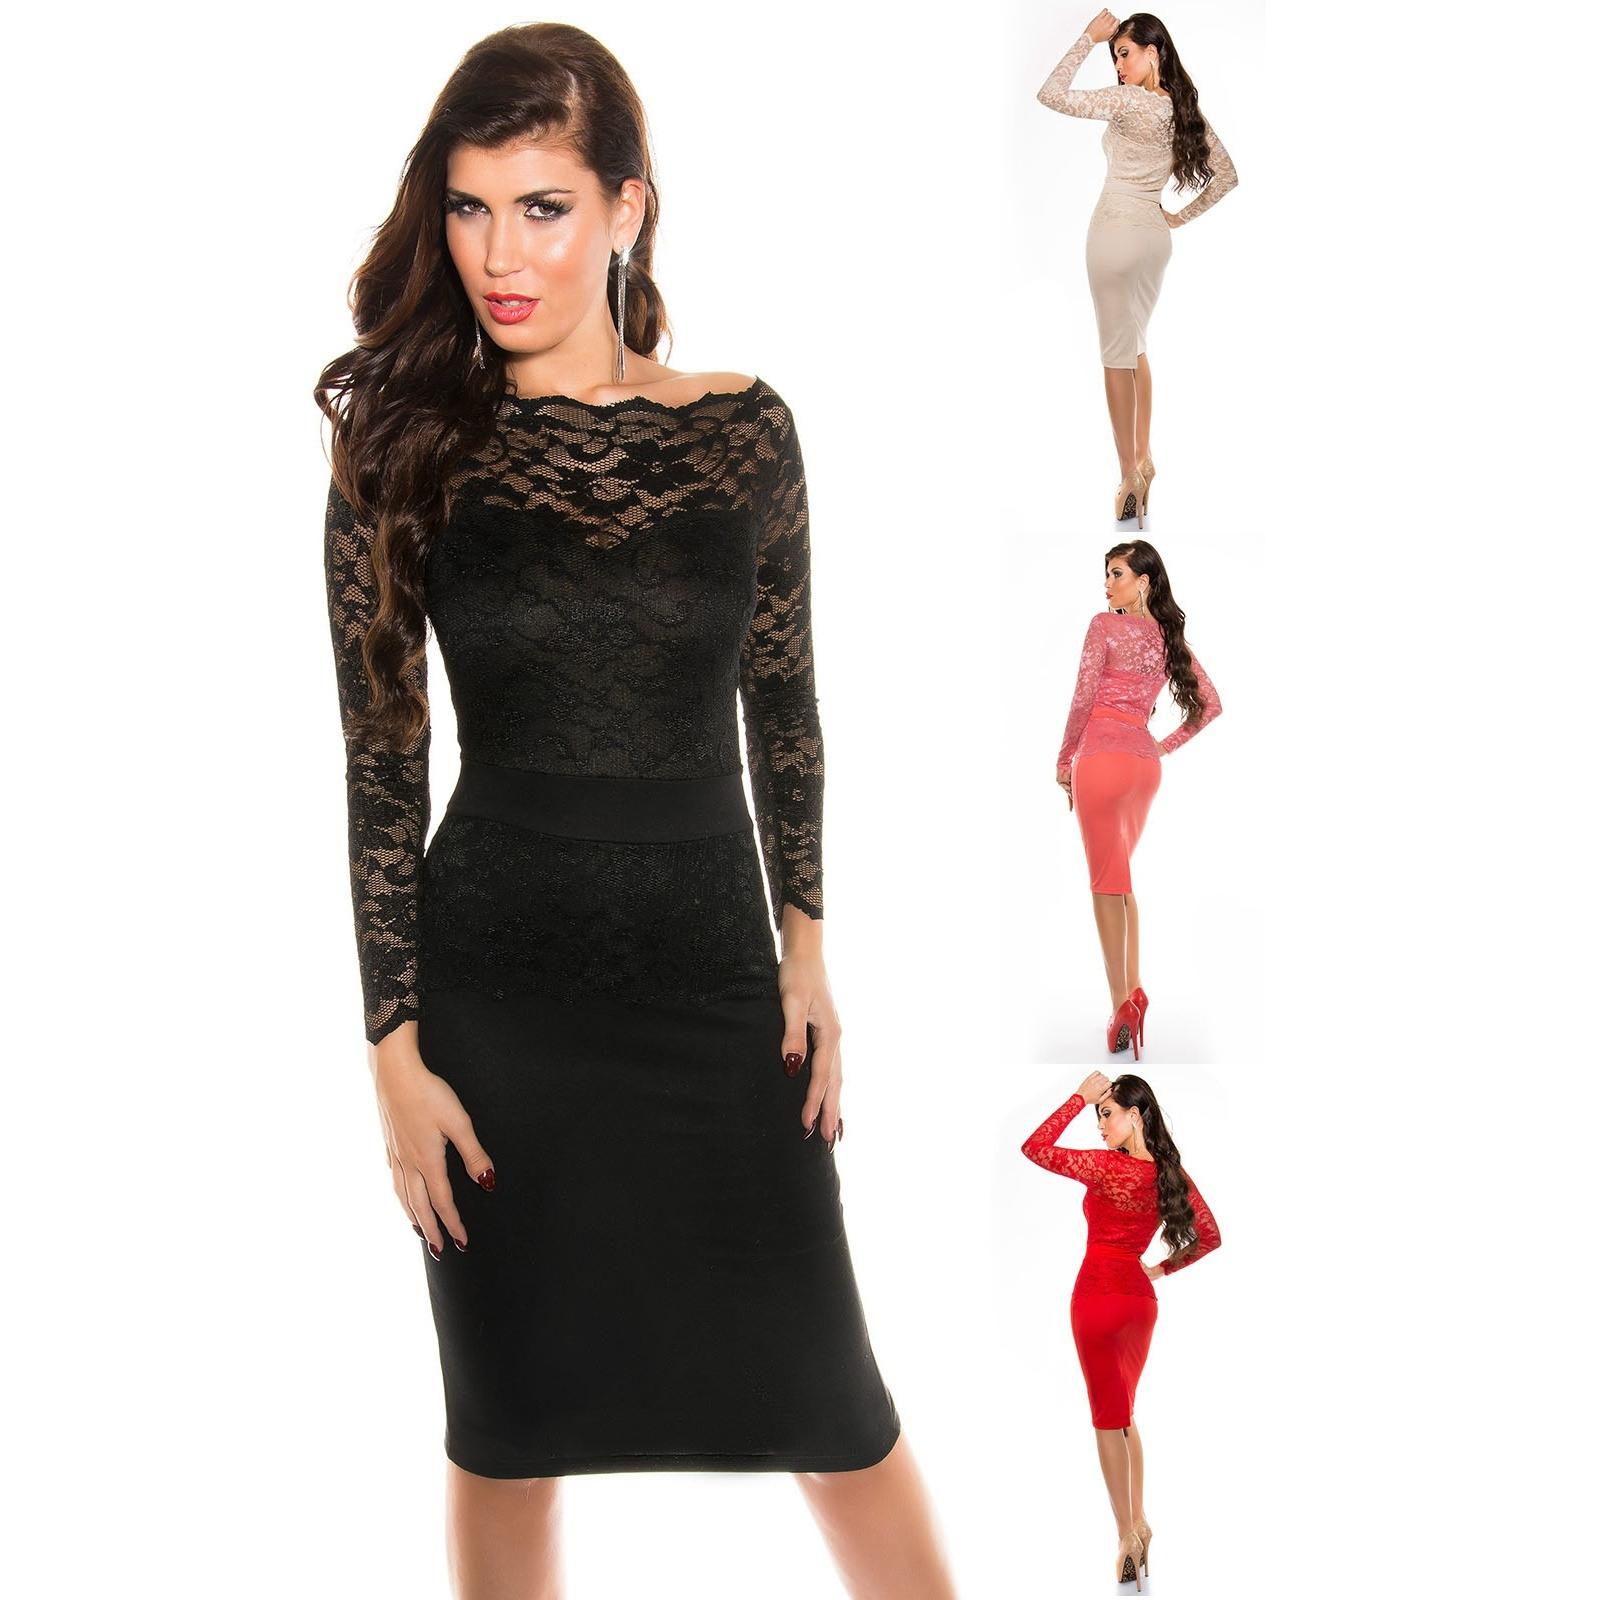 15 Kreativ Abendkleider Midi Mit Ärmel Galerie20 Fantastisch Abendkleider Midi Mit Ärmel Boutique